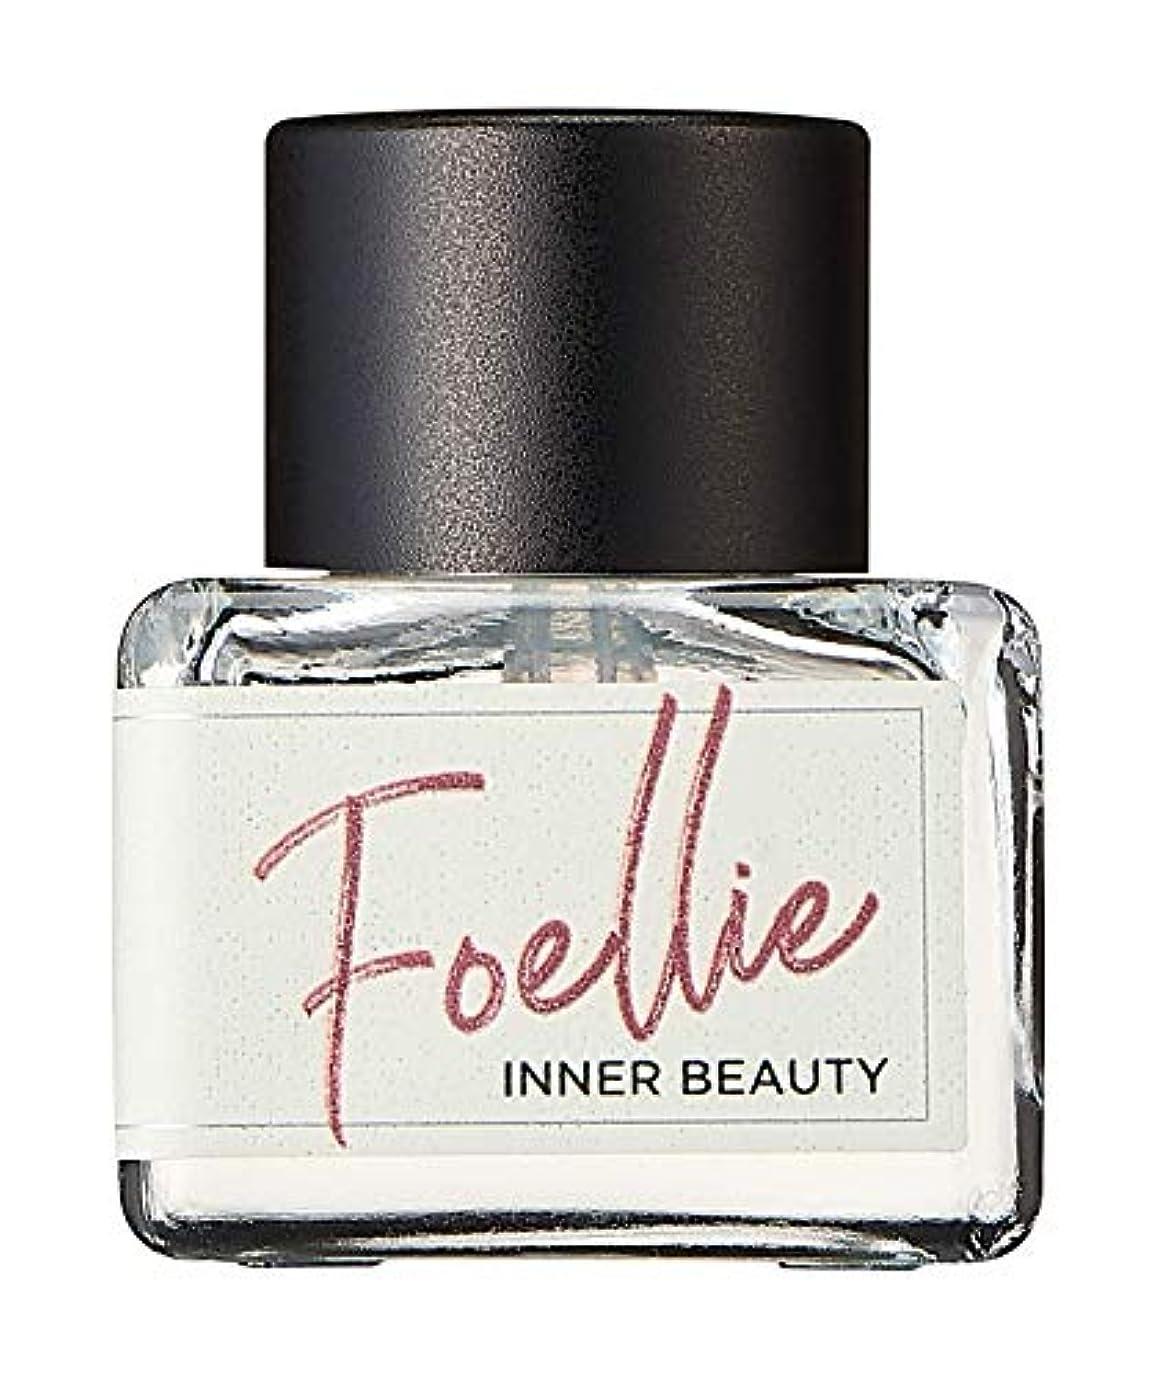 うまパン複合[フォエリー(FOELLIE)] eau de bonbon オードボンボン – フェミニン、インナービューティー香水(下着用)、甘い桃の魅力的な香りの香水, 5ml(0.169 fl oz)